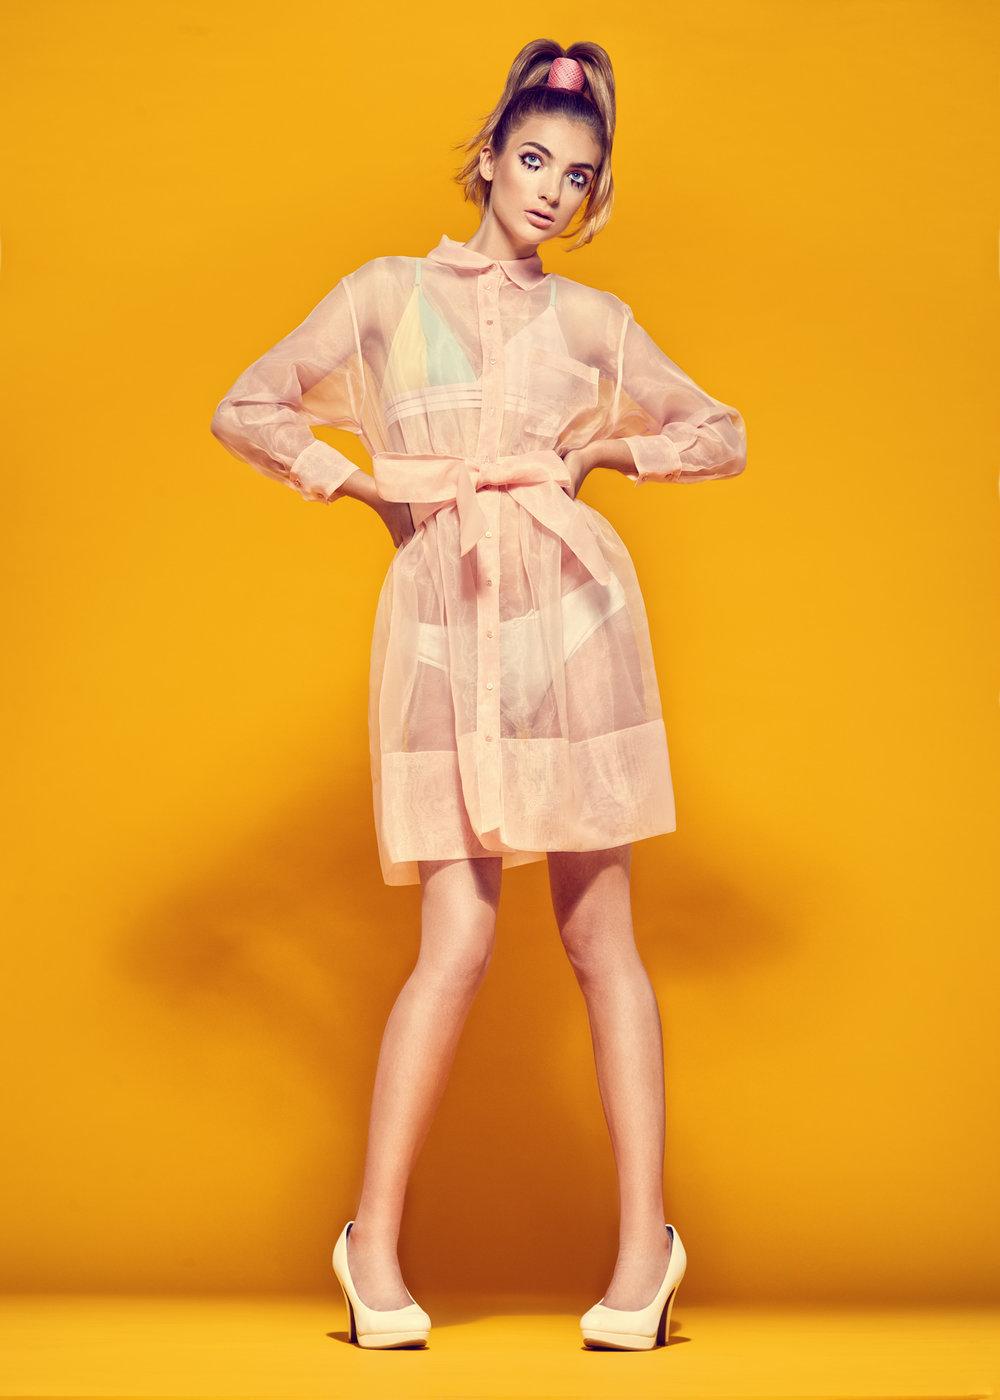 FashionEditorial_AmyGillan.jpg